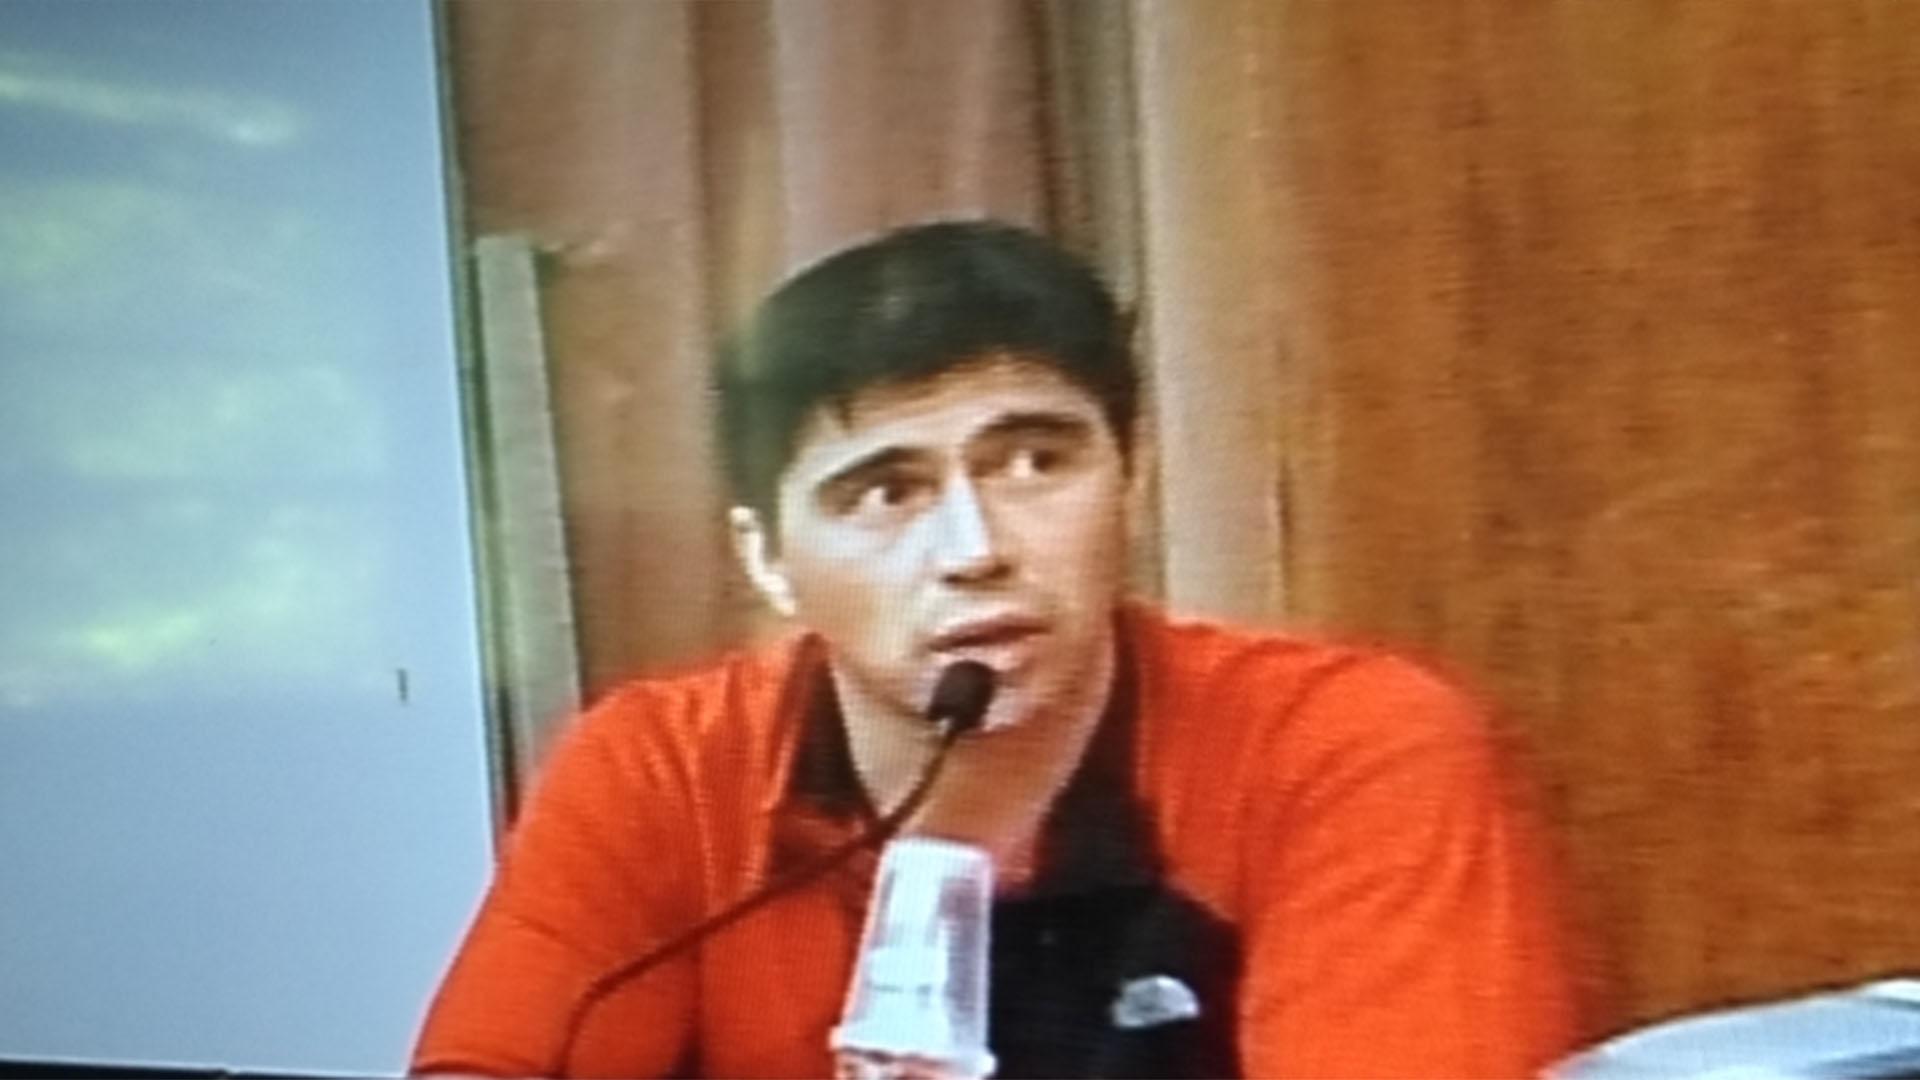 """Declaró Martín, hijo mayor de Lázaro Báez: """"No cometí ningún delito, pero tengo la vida destrozada y ya estoy socialmente condenado"""""""